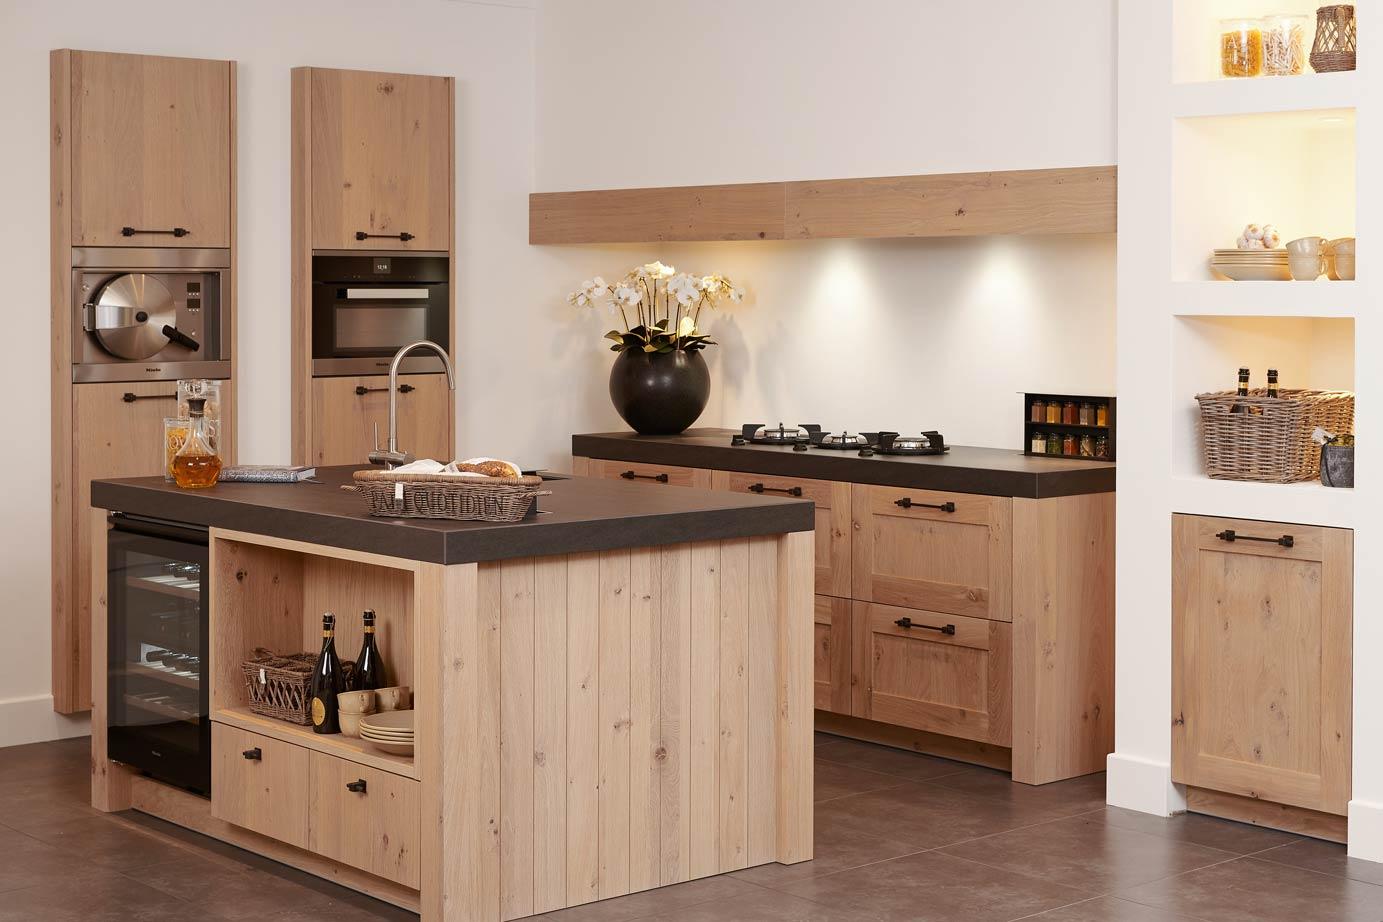 Keukenfronten. Alle informatie over fronten in de keuken - DB Keukens